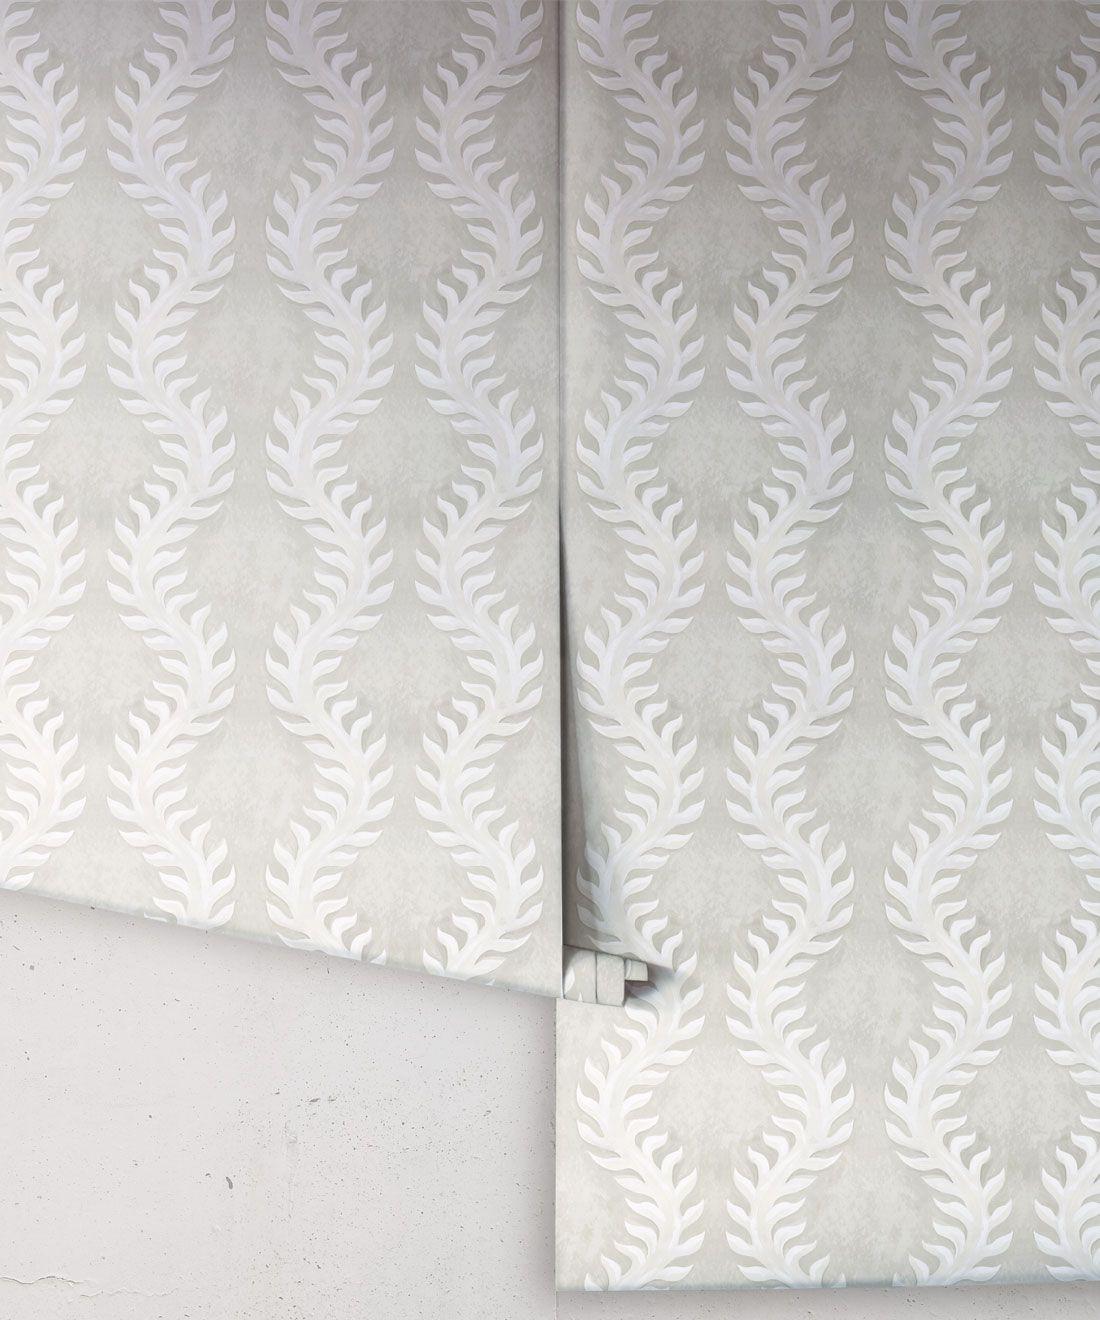 Fern Wallpaper • Beige •Rolls